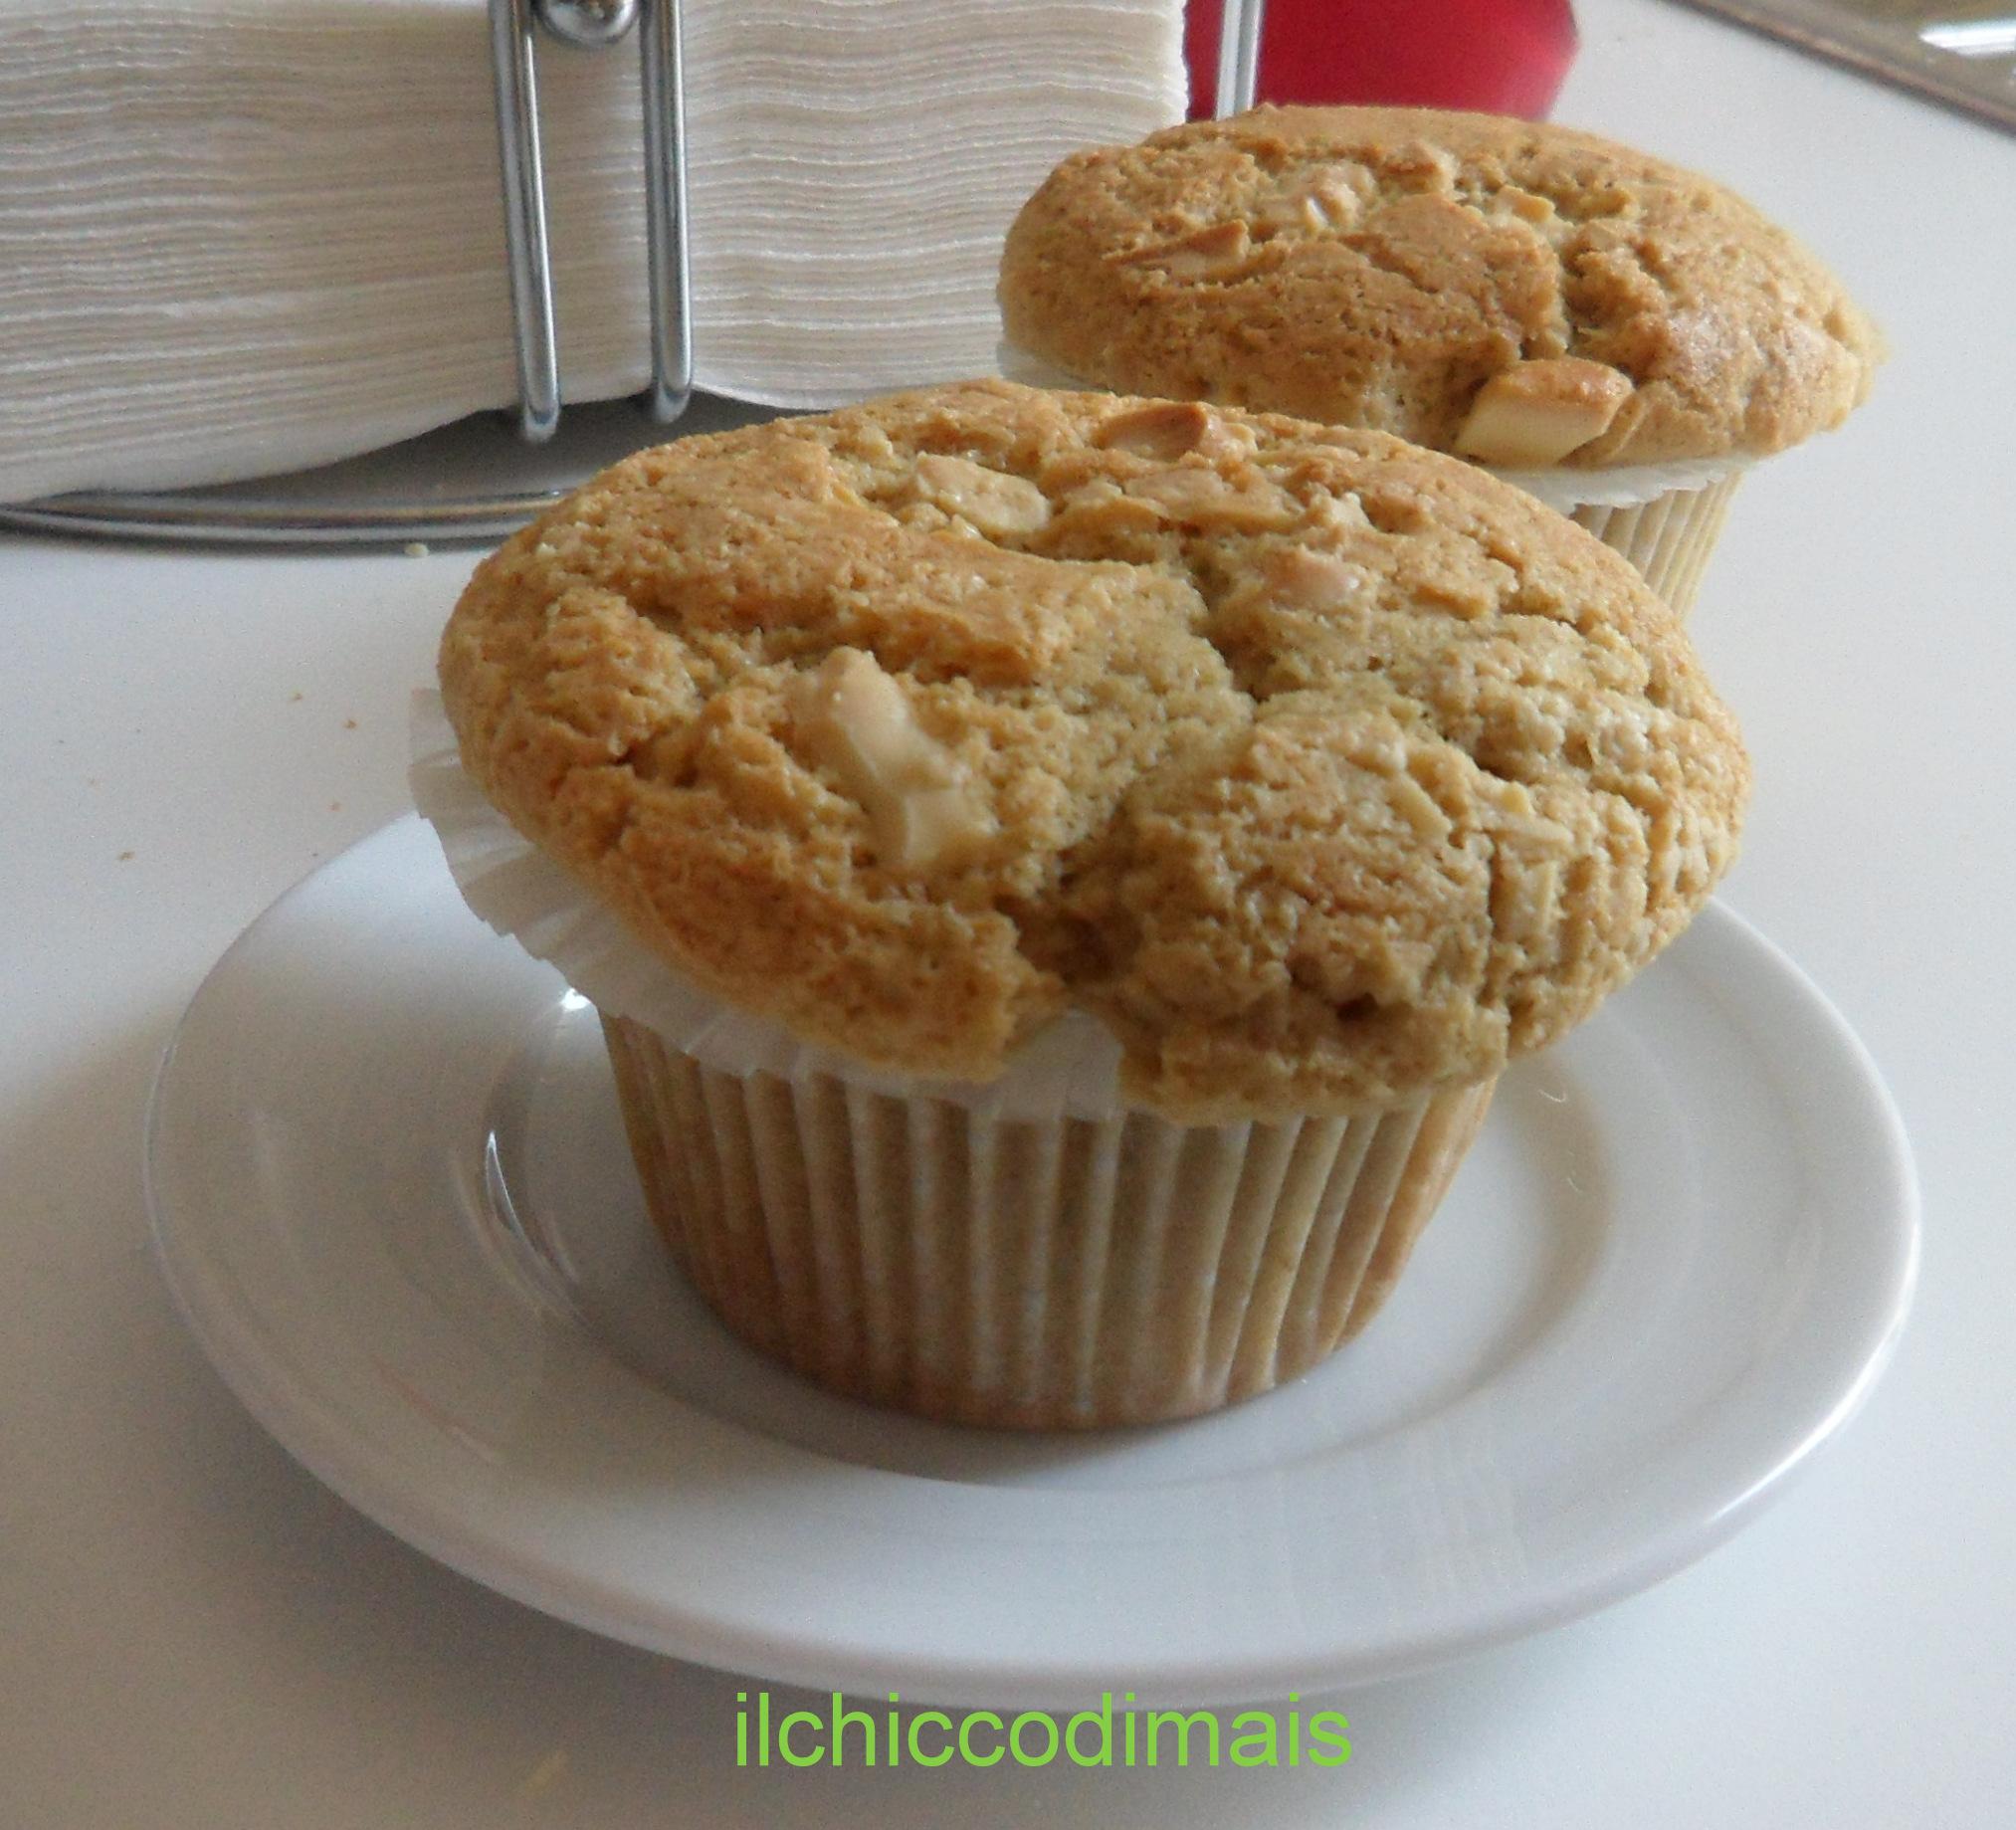 Muffin al cioccolato bianco e caffè ricetta per la colazione il chicco di mais